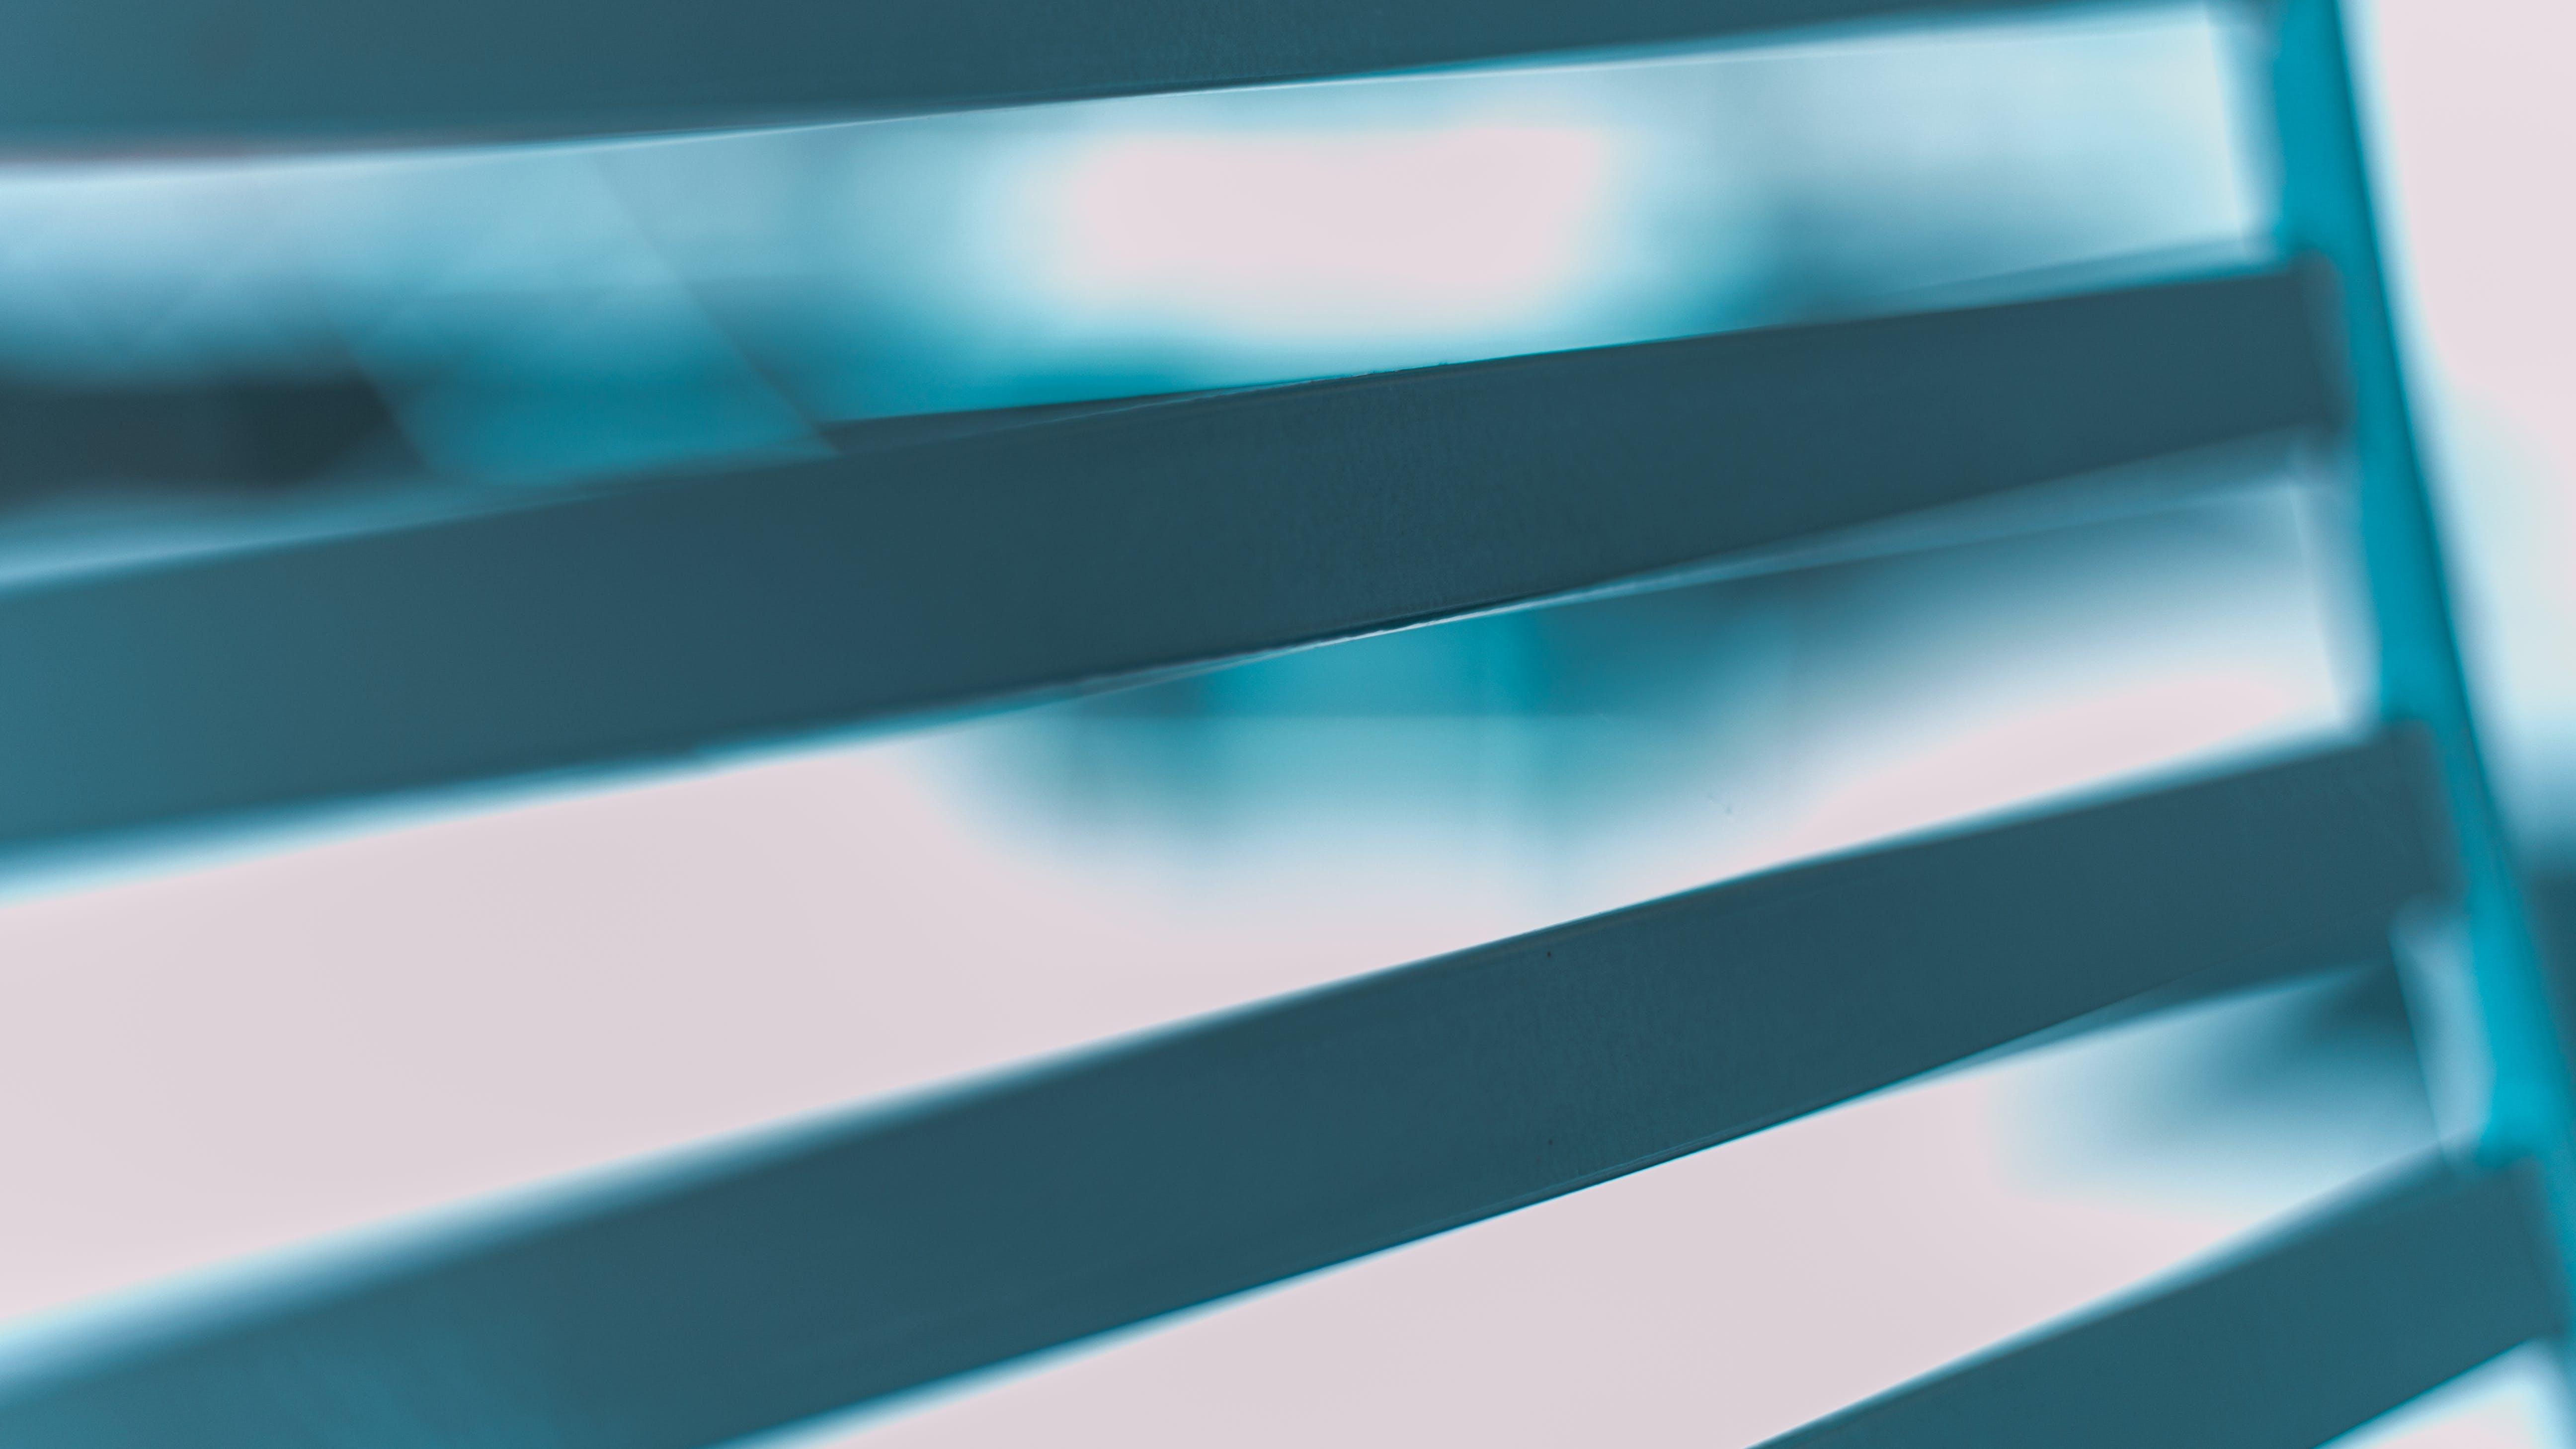 Closeup of a Metal Frame